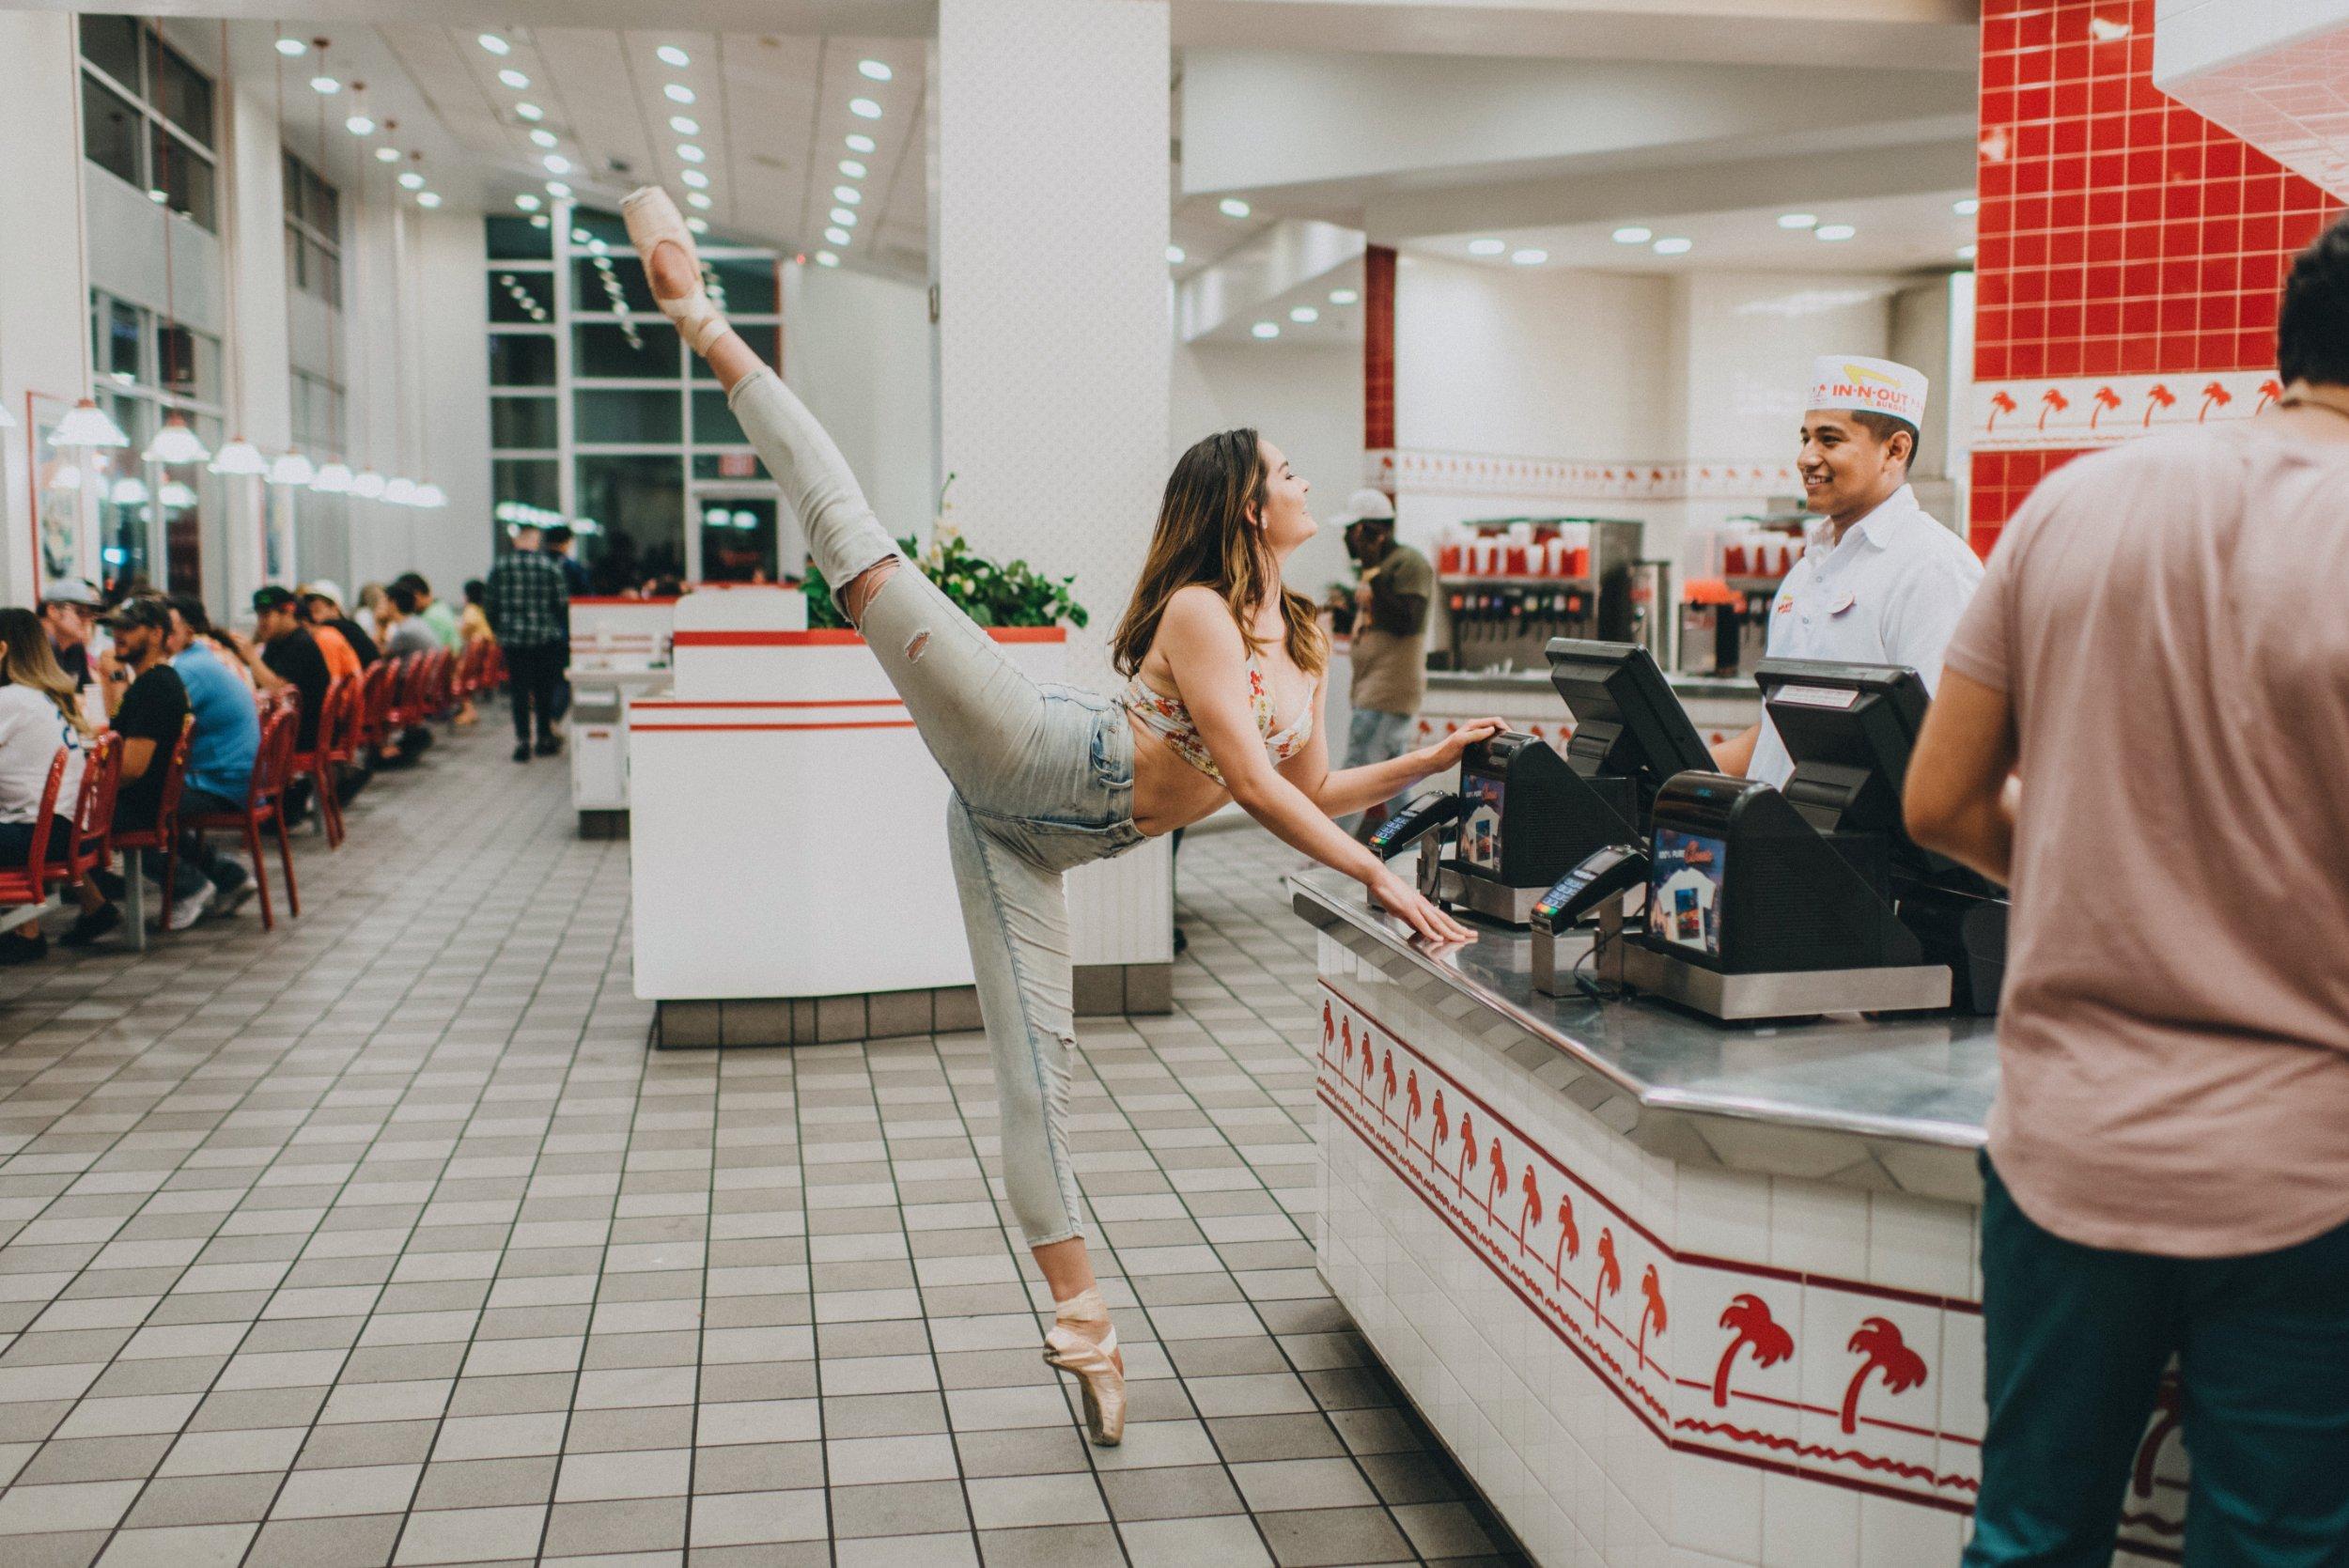 albert halim ballerina at in n out.jpg